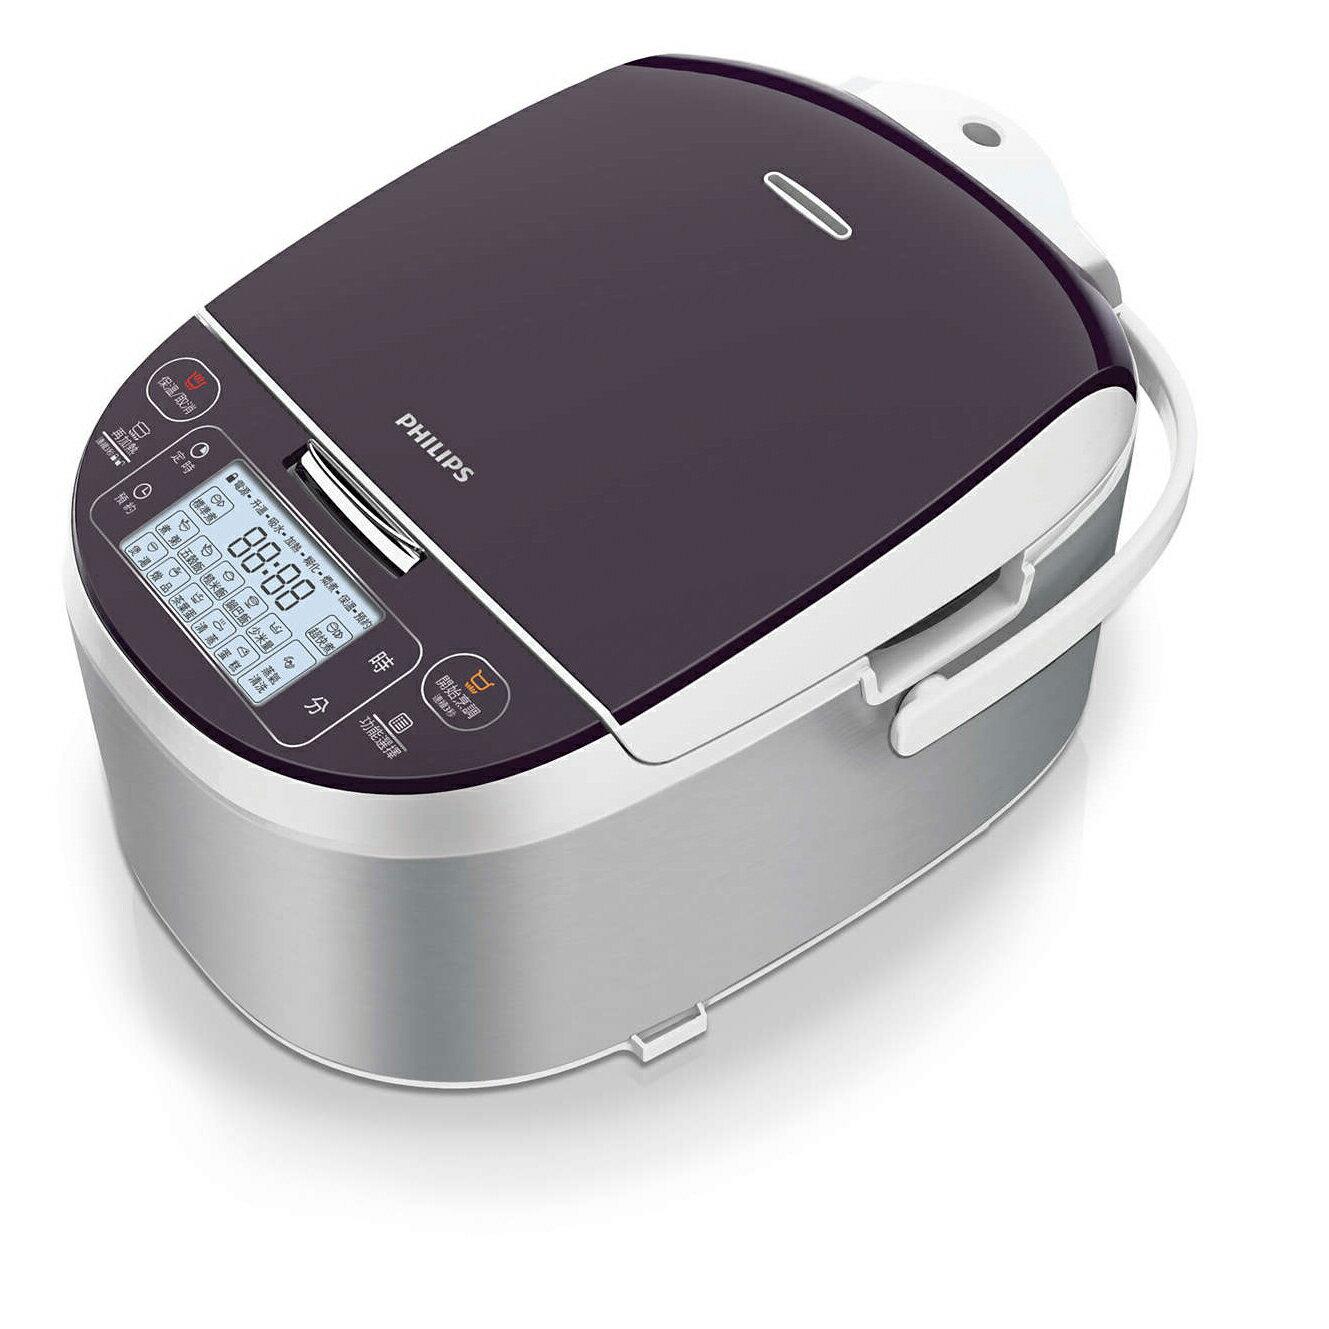 飛利浦 Philips 灶燒電子鍋 / 會呼吸的電子鍋 HD3095